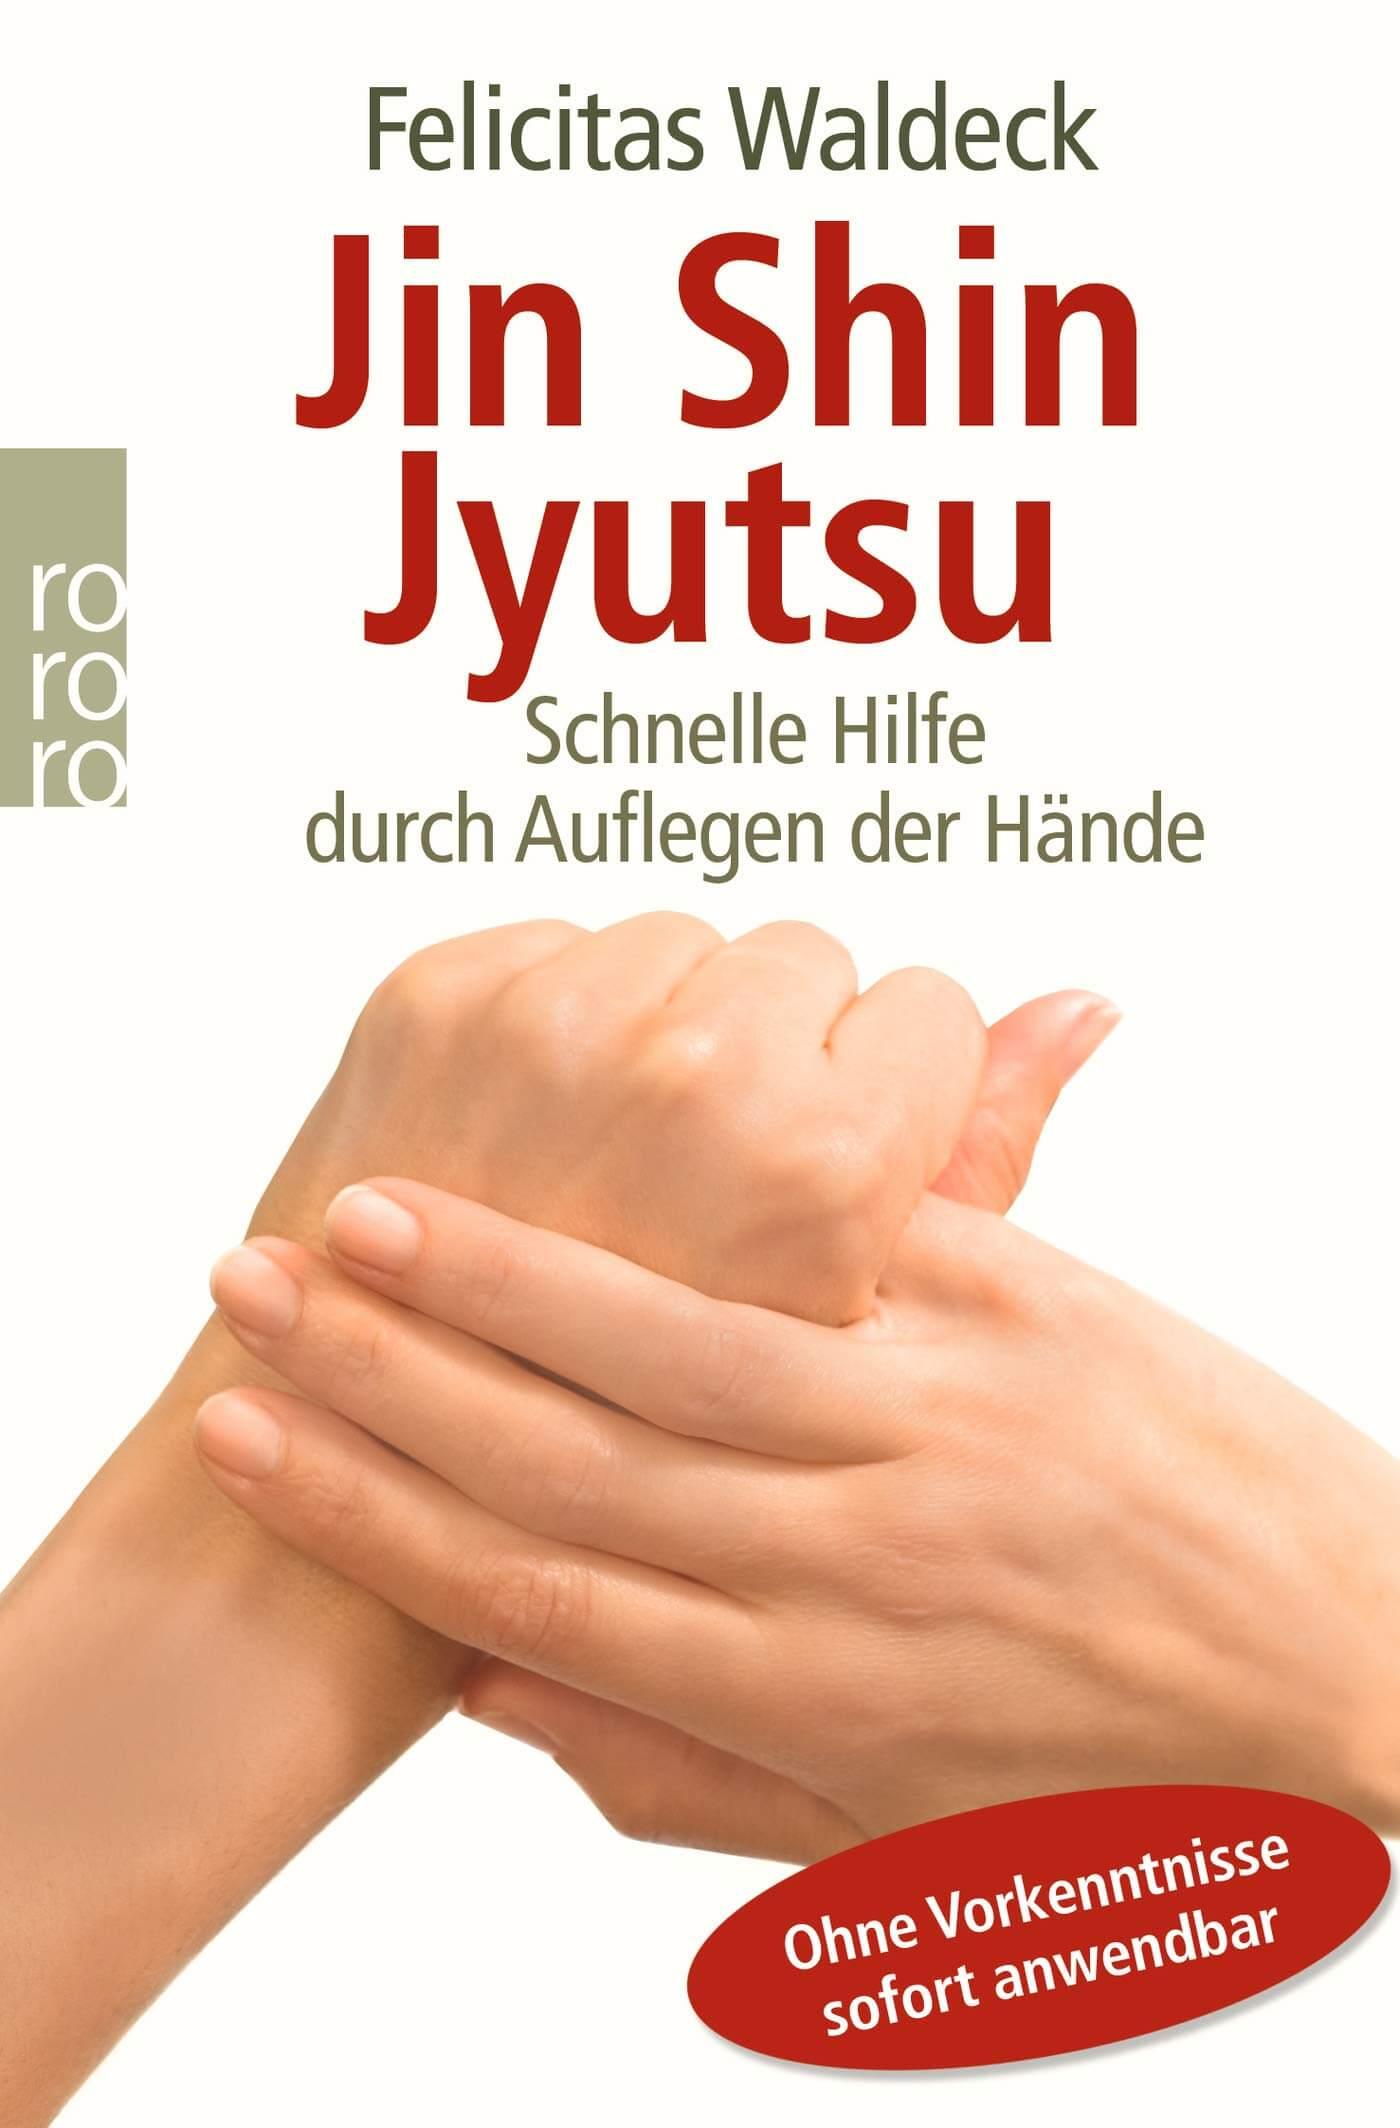 Jin Shin Jyutsu - schnelle Hilfe durch Auflegen der Hände